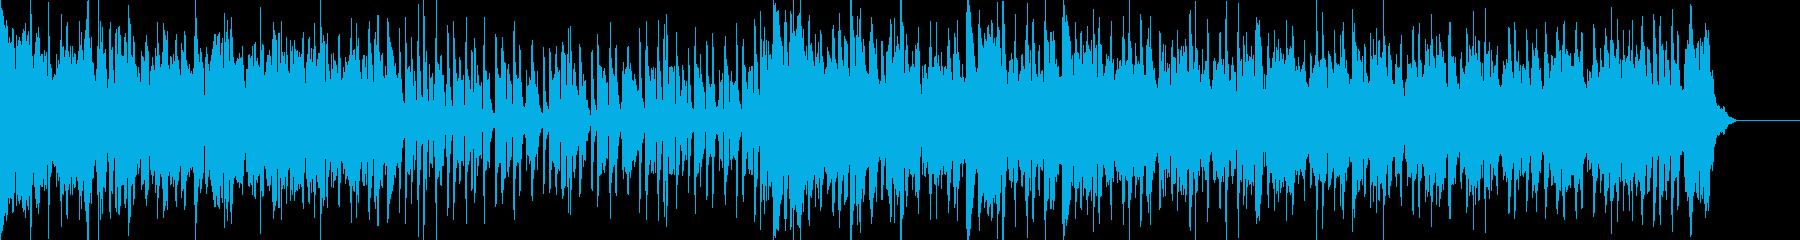 ややサイケデリックな60年代のガレ...の再生済みの波形